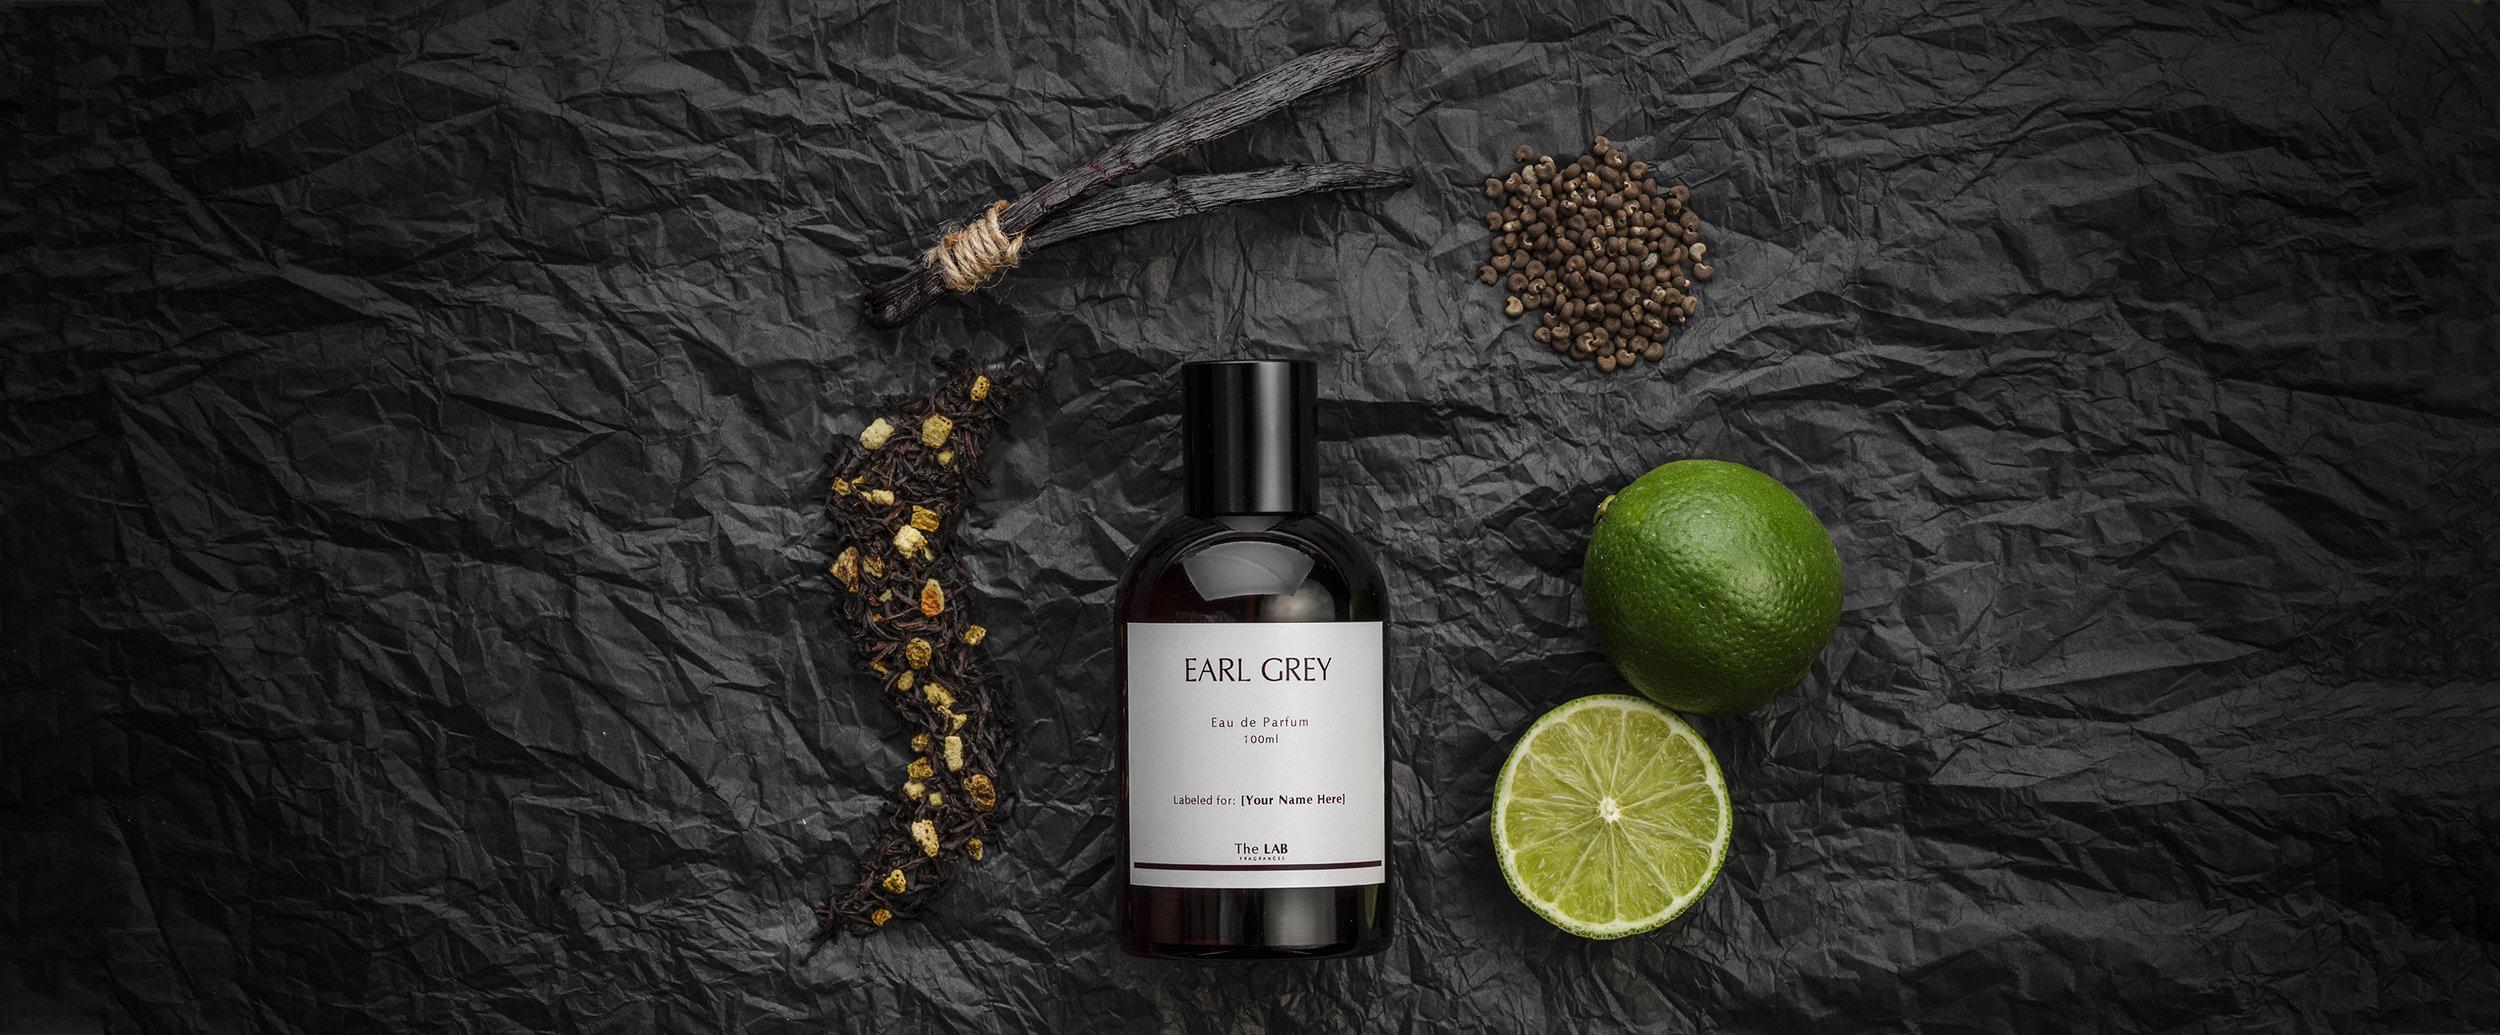 Earl Grey Perfume Ingredients Composition.jpg